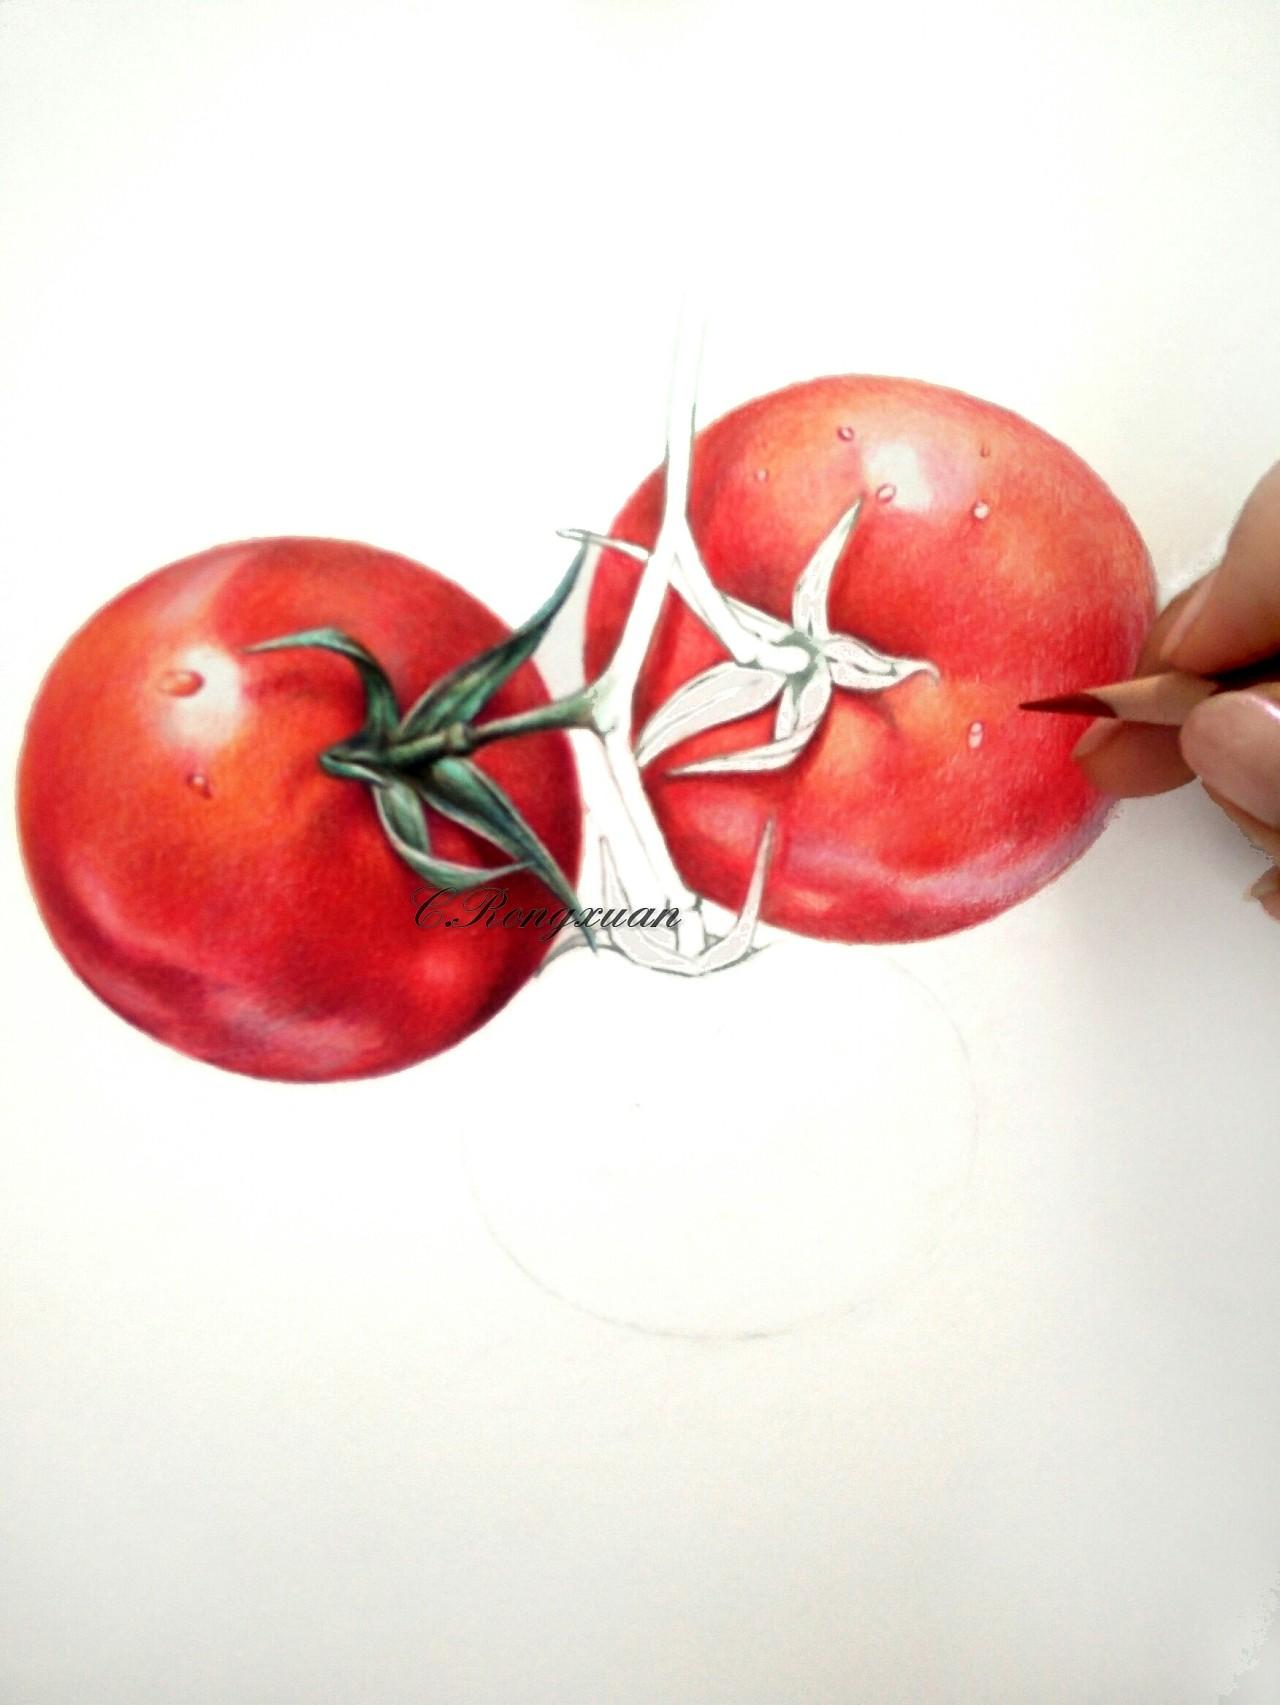 【溶萱手绘——彩铅蔬菜】tomato(ω)